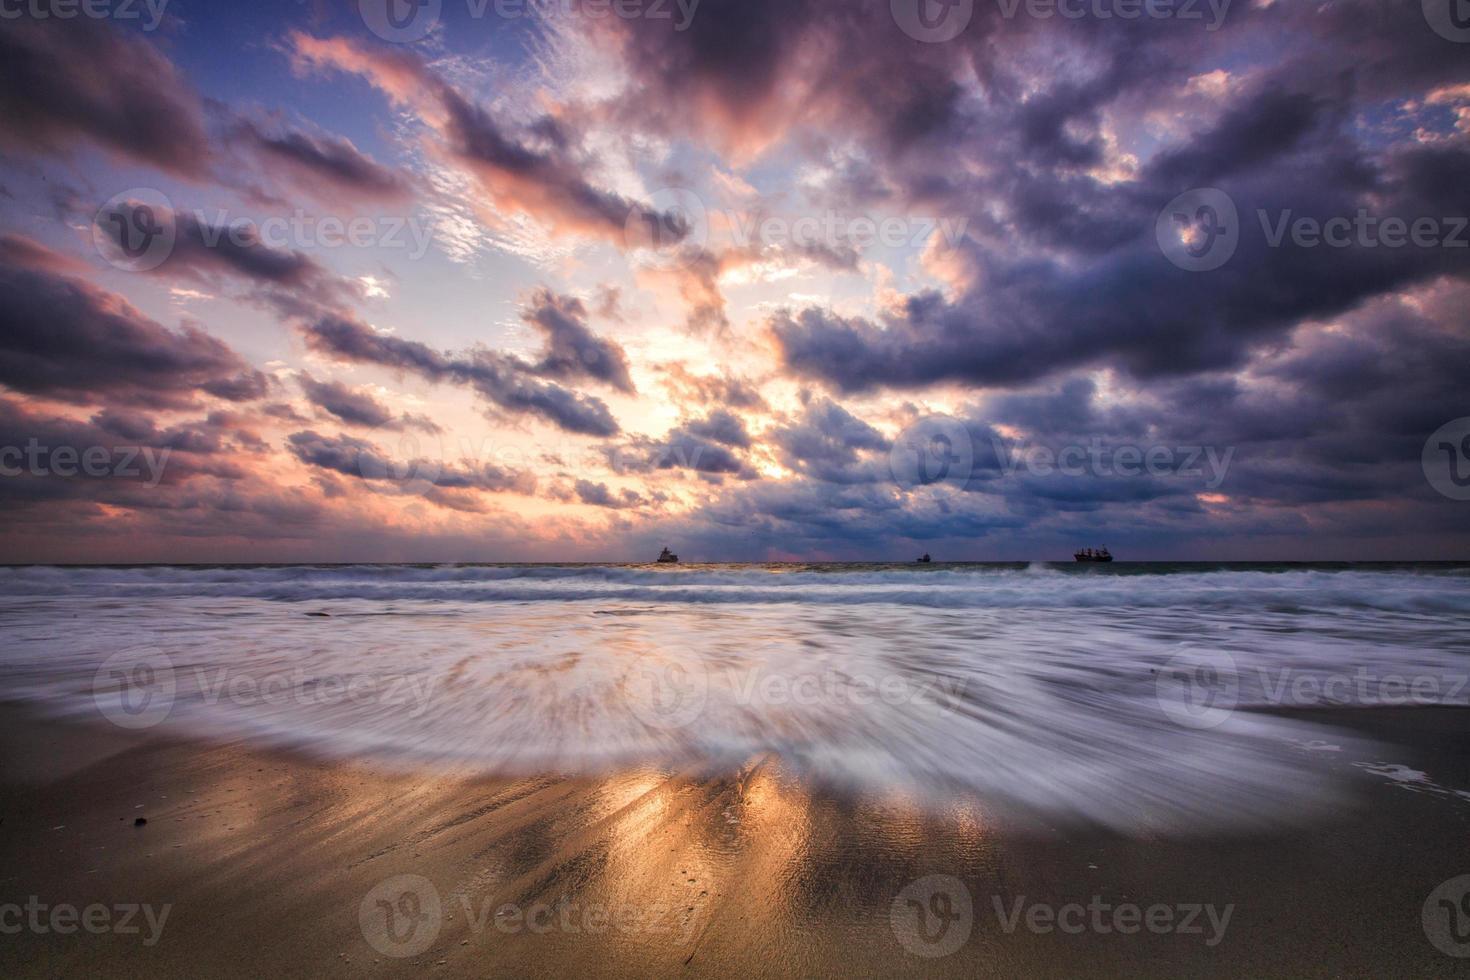 drammatico Cloudscape sul mare, colpo di alba foto